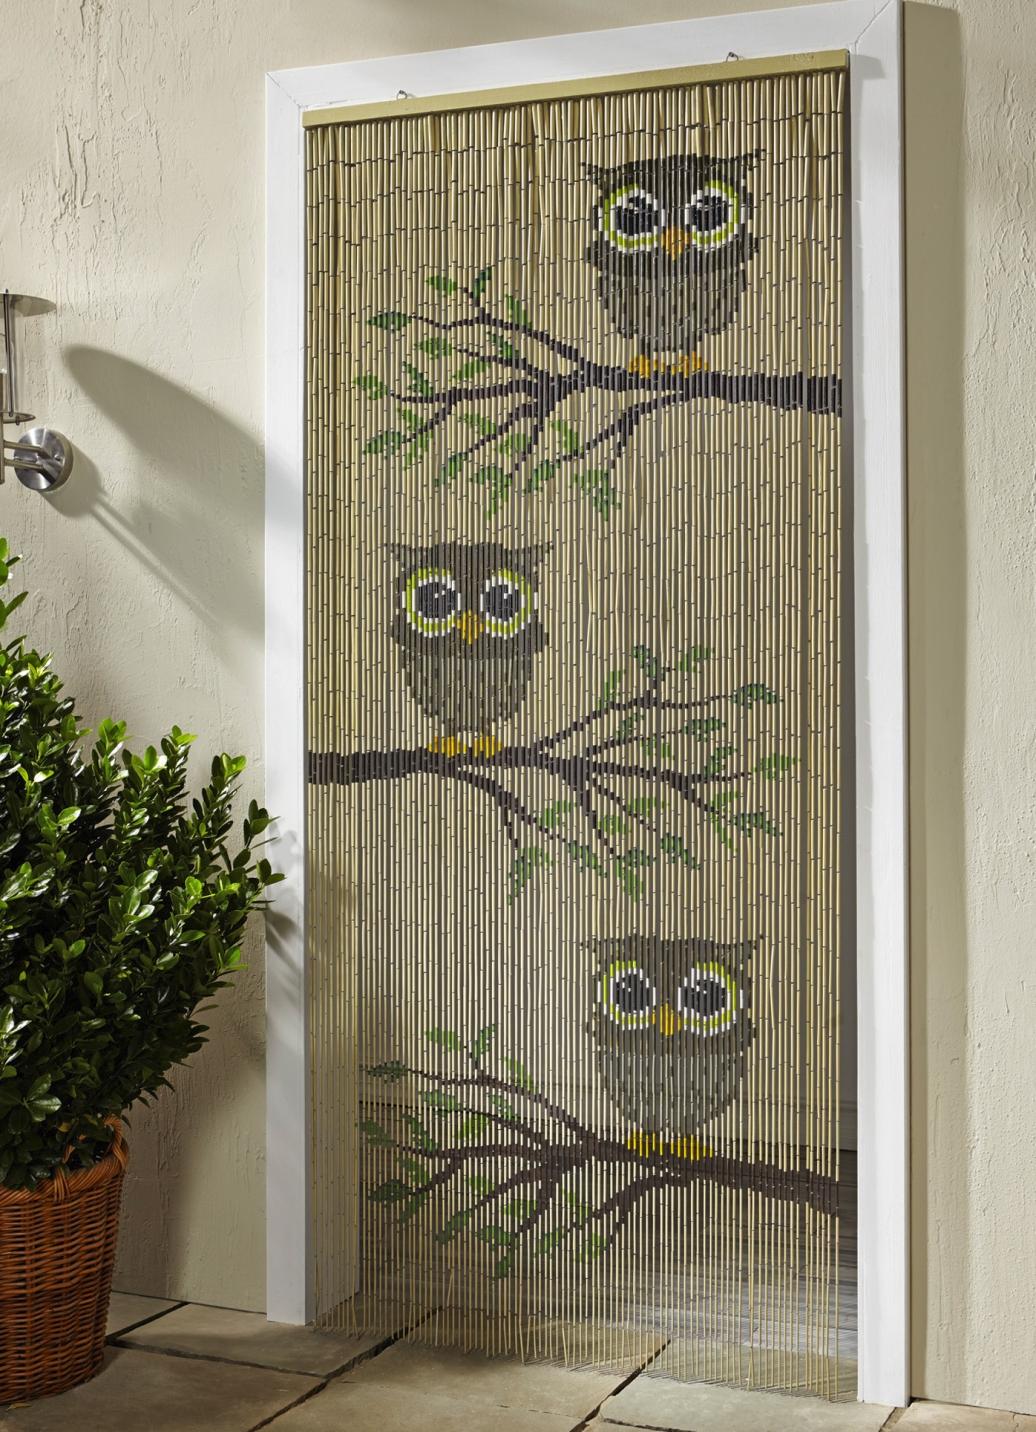 bambus vorhang eulen sichtschutz und sonnenschutz brigitte hachenburg. Black Bedroom Furniture Sets. Home Design Ideas